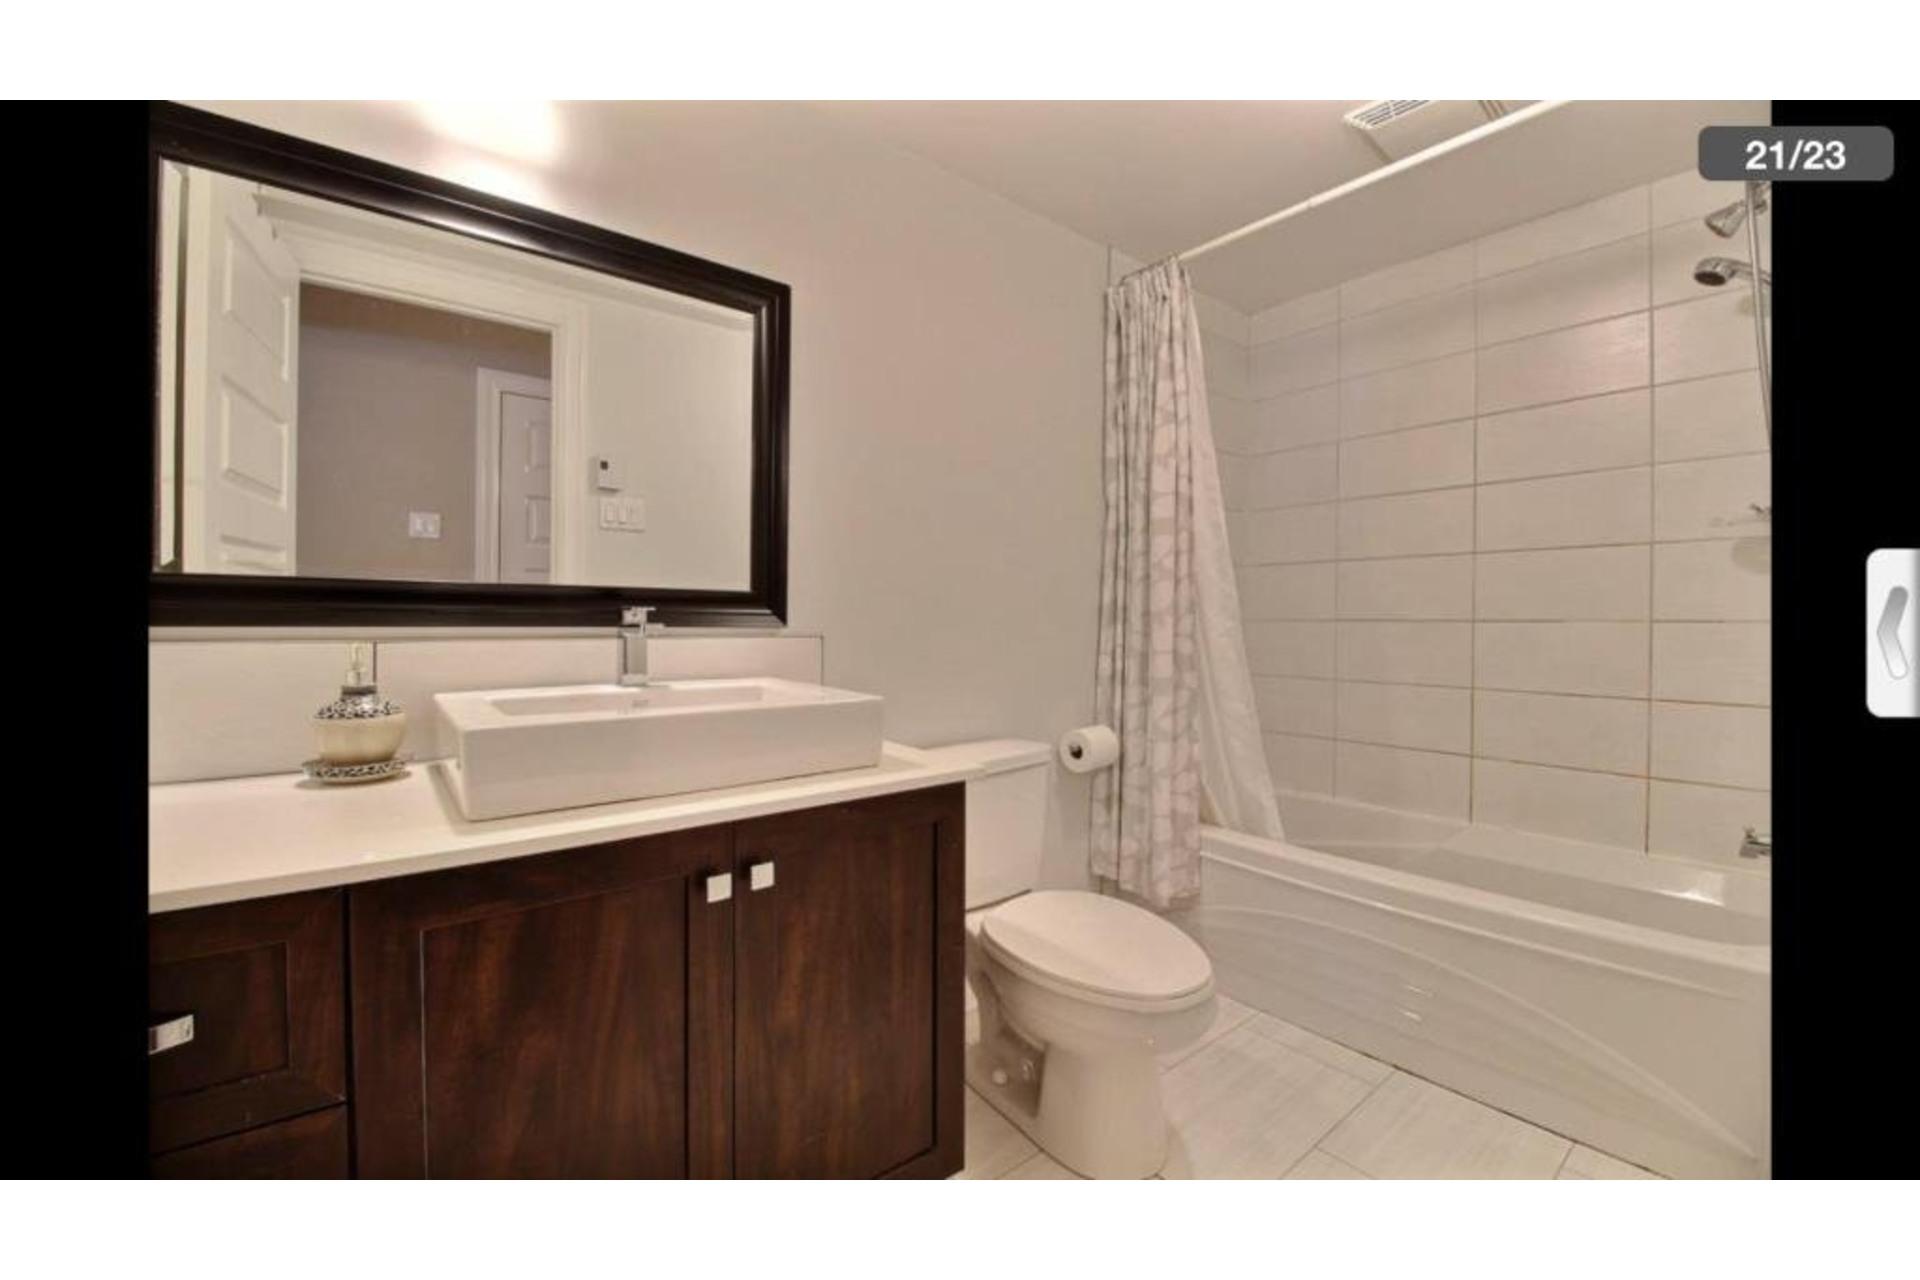 image 16 - Apartment For rent Montréal Saint-Laurent  - 10 rooms